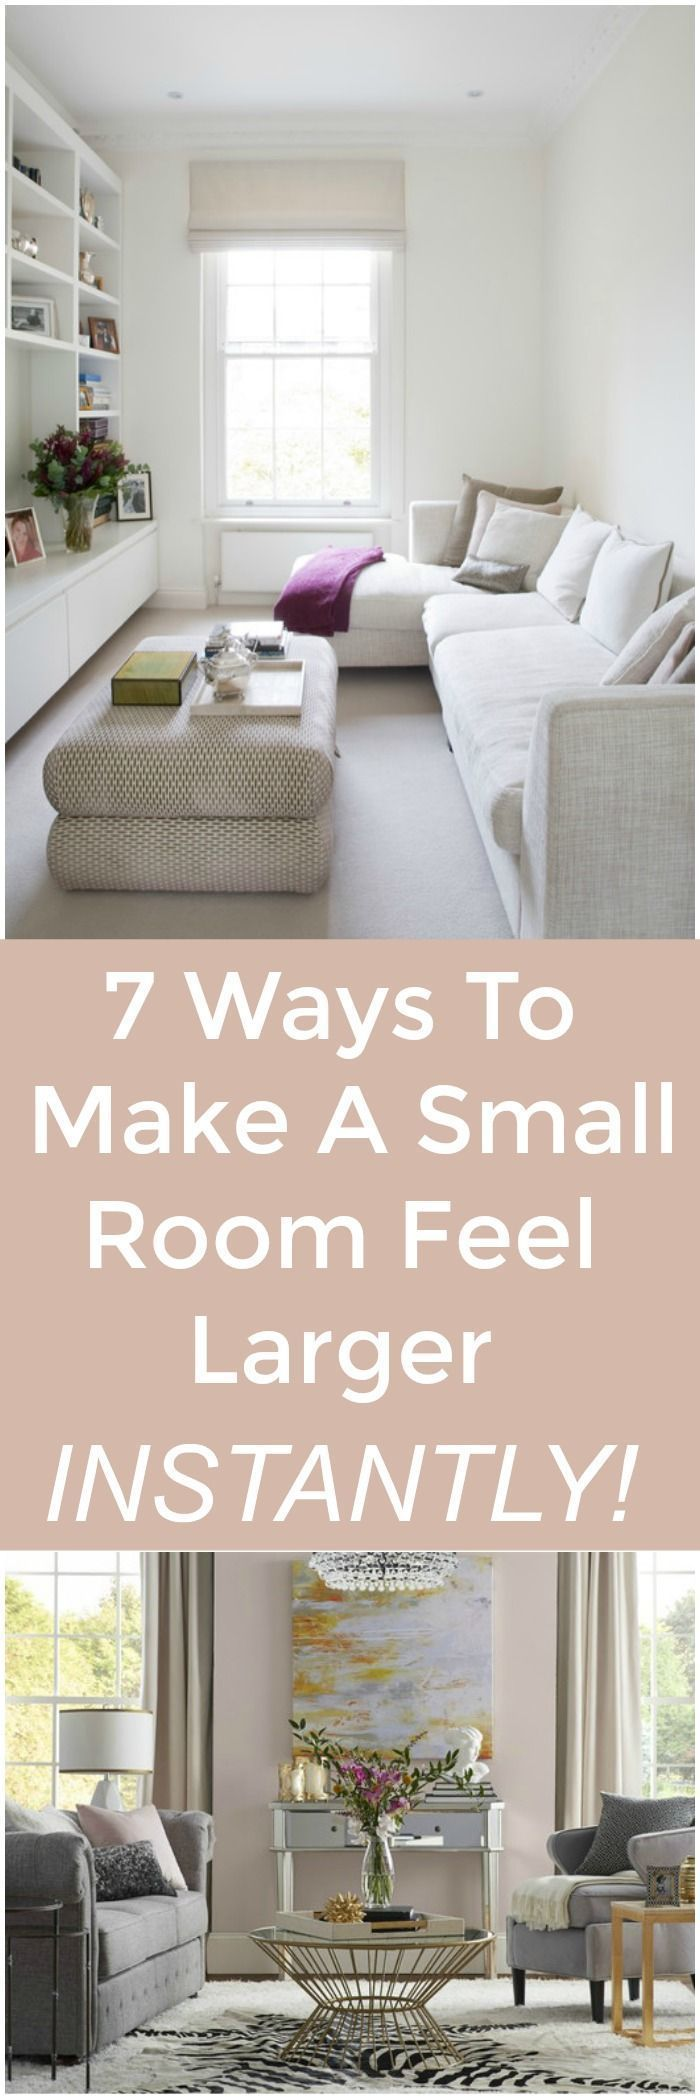 Innenarchitektur für wohnzimmer für kleines haus lebst du in einem kleineren haus einer wohnung oder einer wohnung